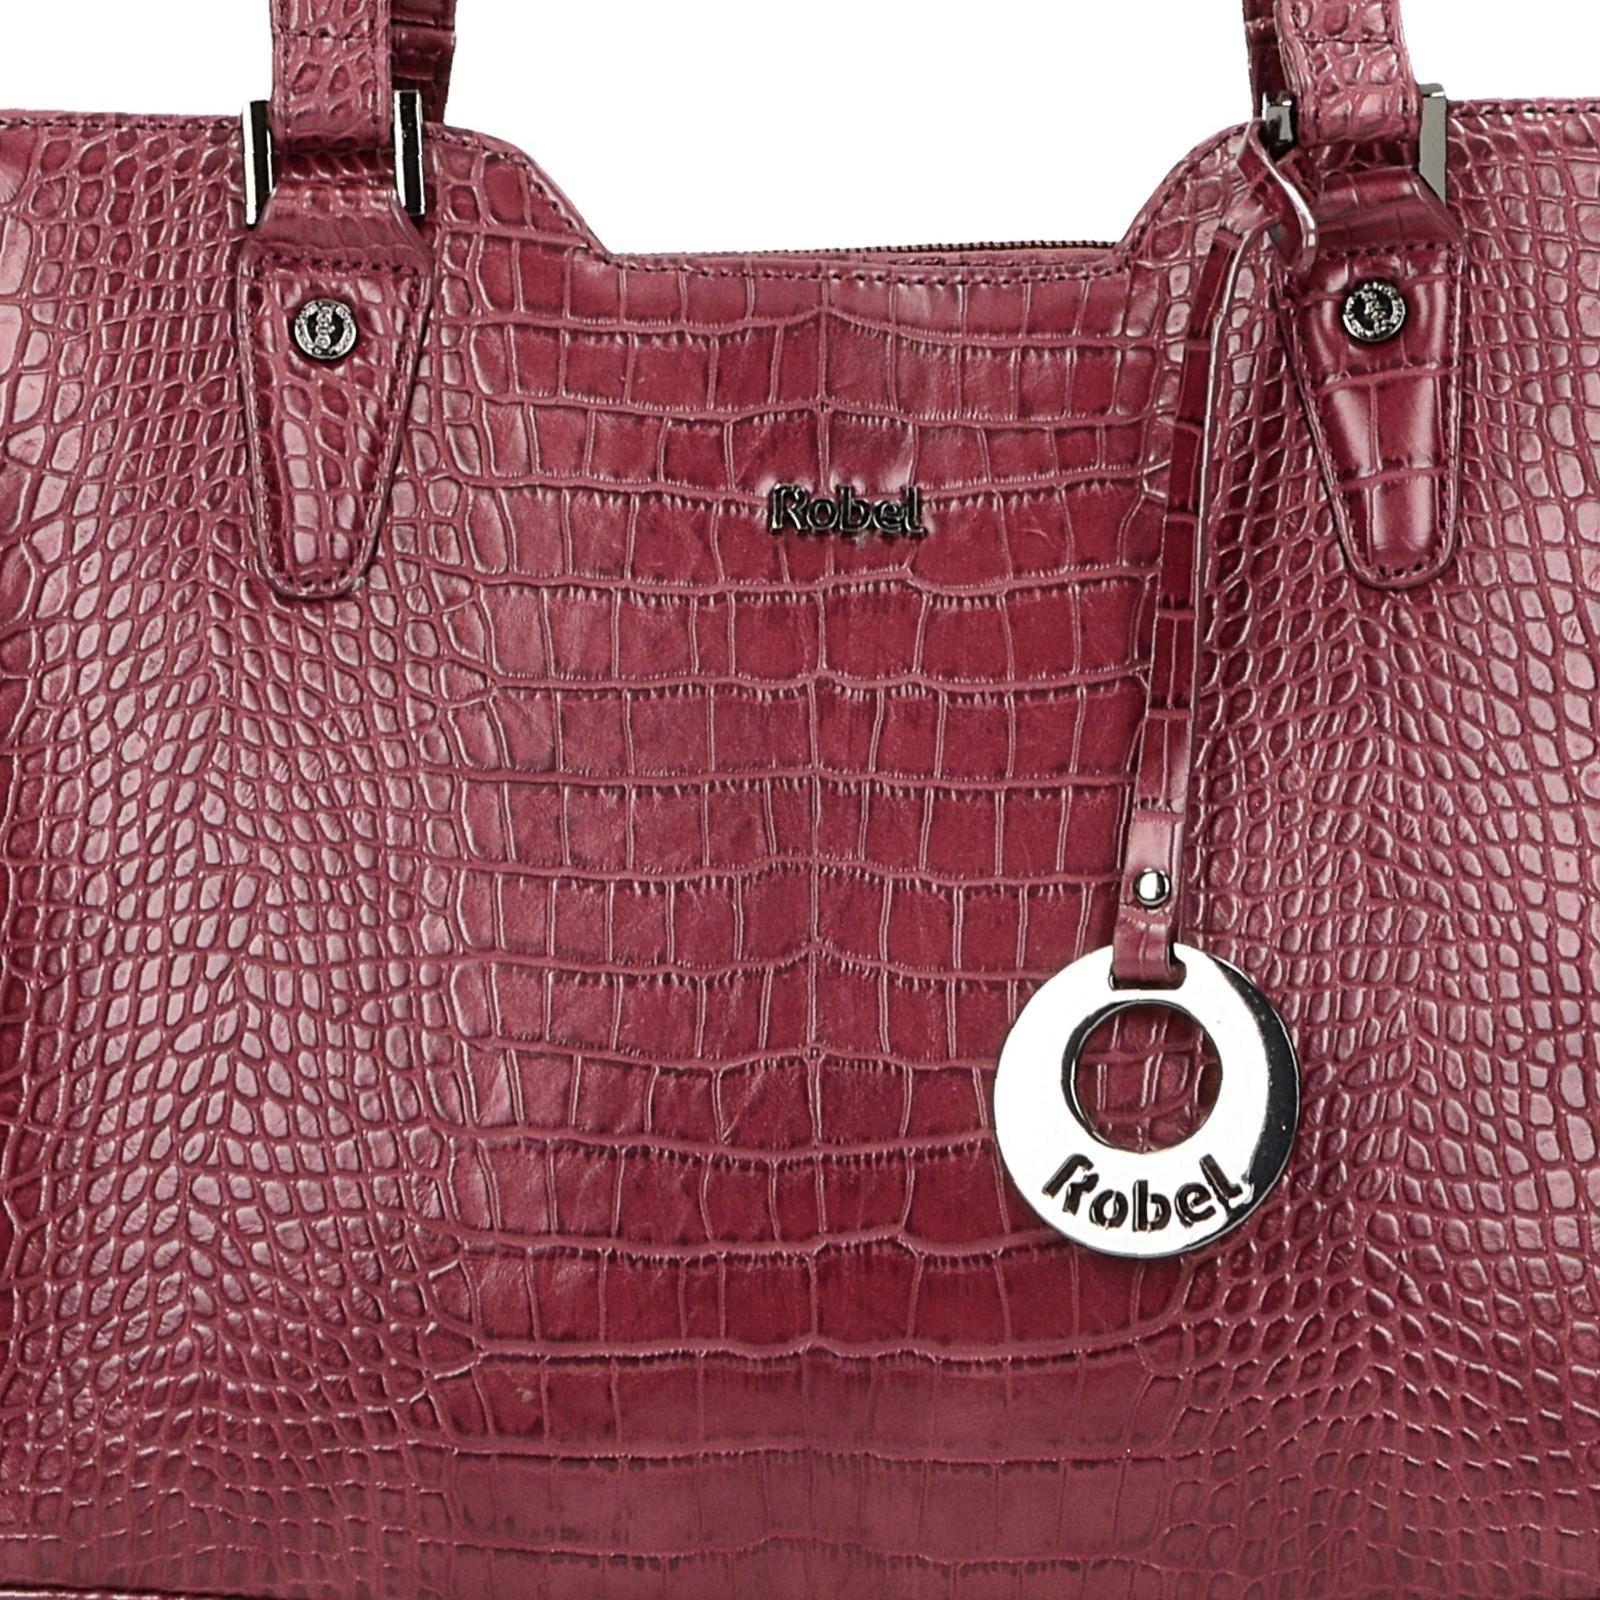 Robel dámská stylová kabelka - bordó